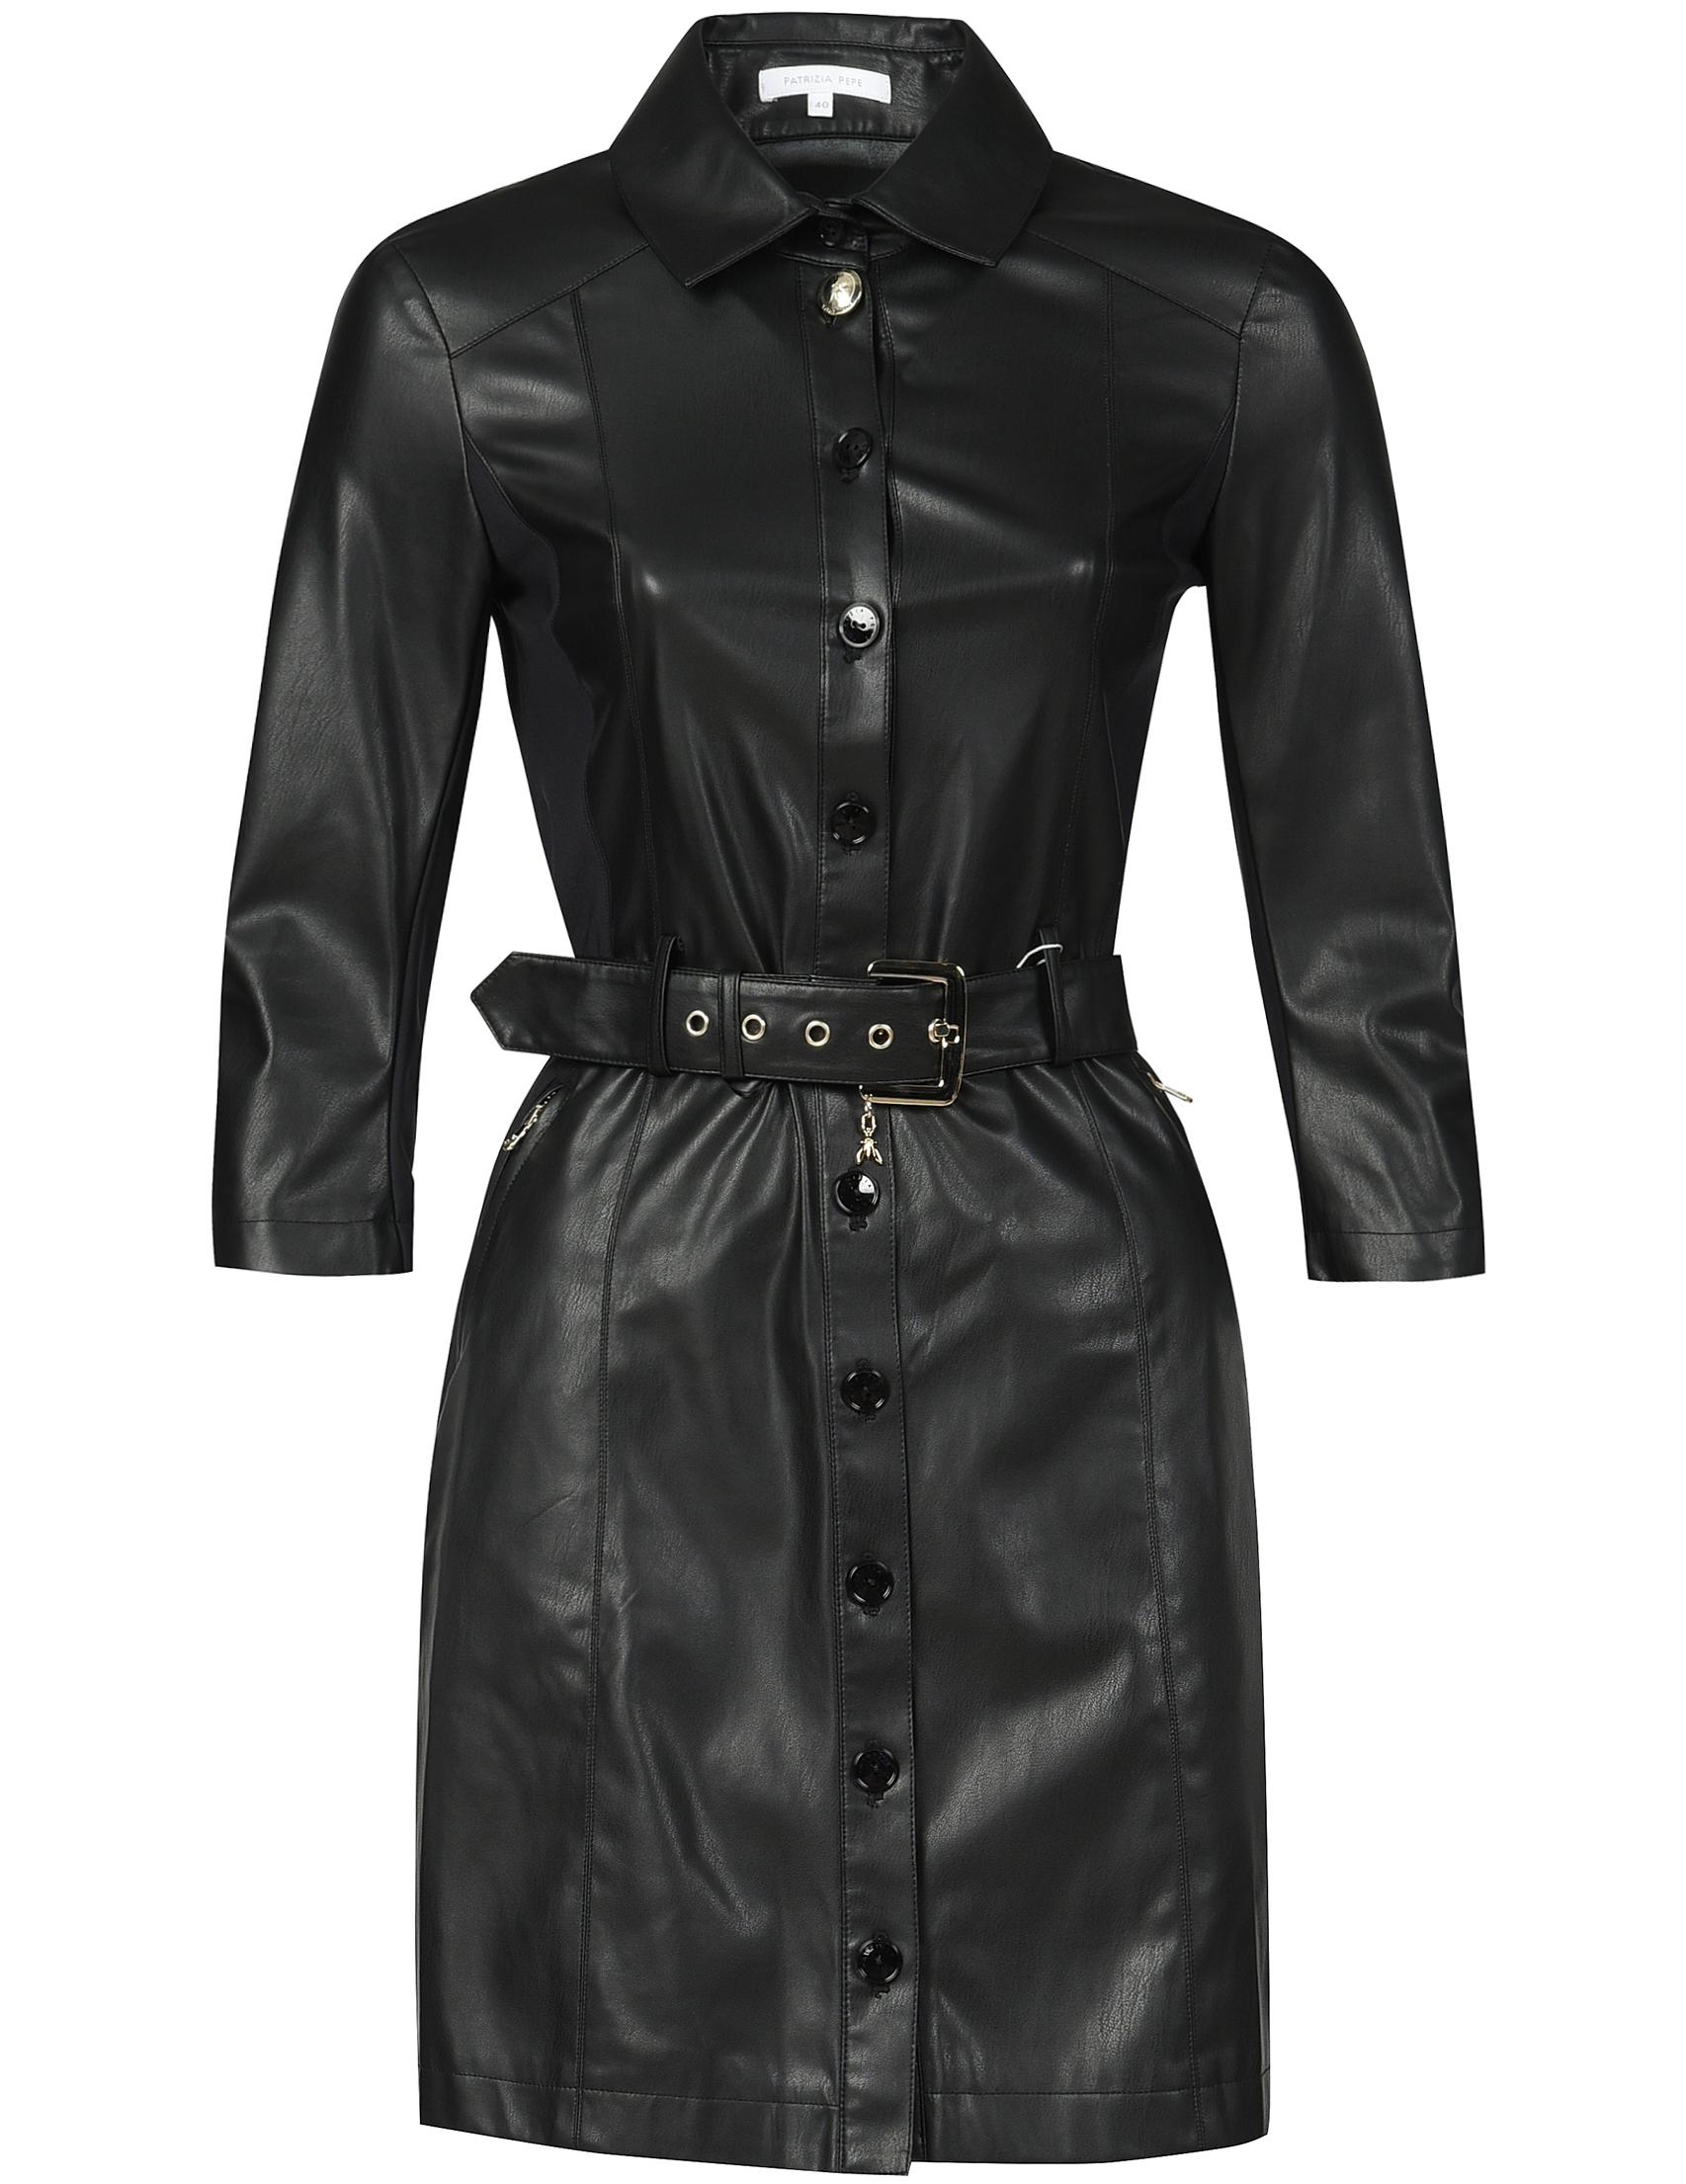 Купить Платья, Платье, PATRIZIA PEPE, Черный, 100%Экокожа, Осень-Зима